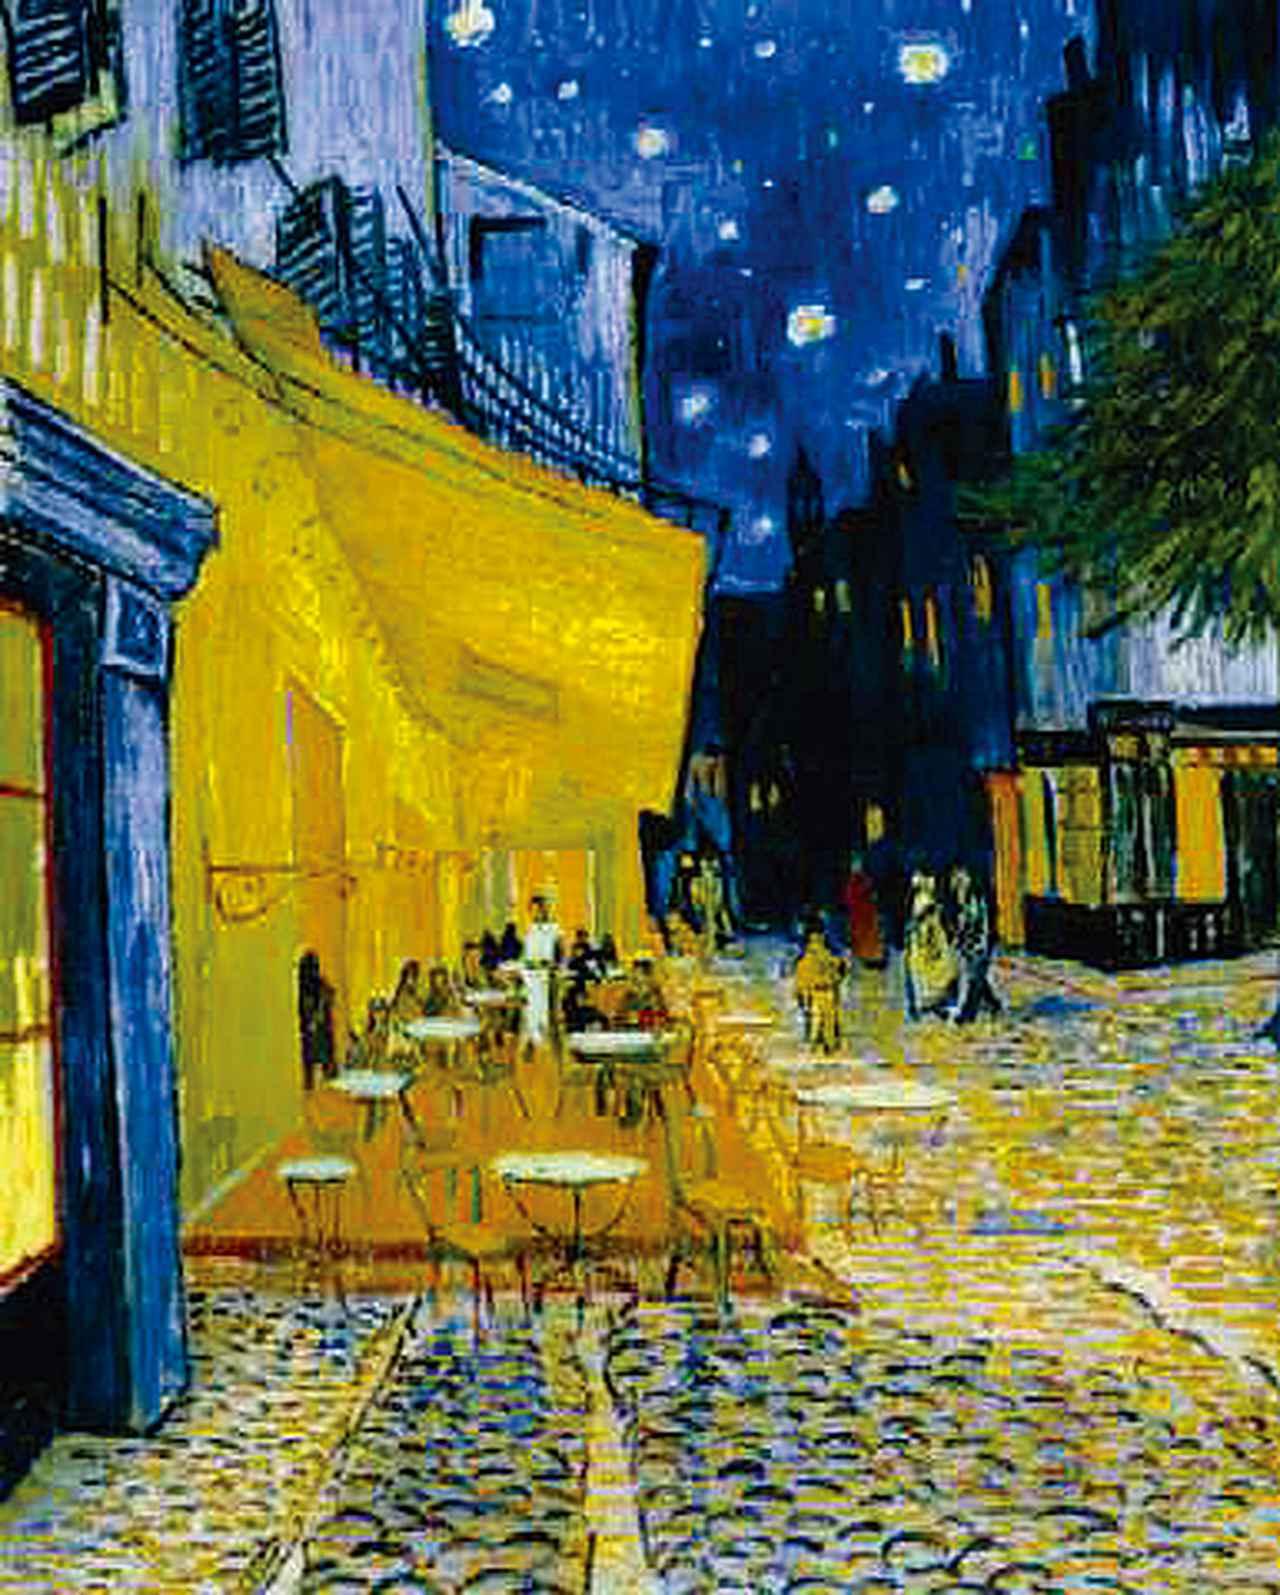 画像: 『夜のカフェテラス』ヴィンセント・ヴァン・ゴッホ クレラーミュラー美術館 Ⓒオランダ政府観光局